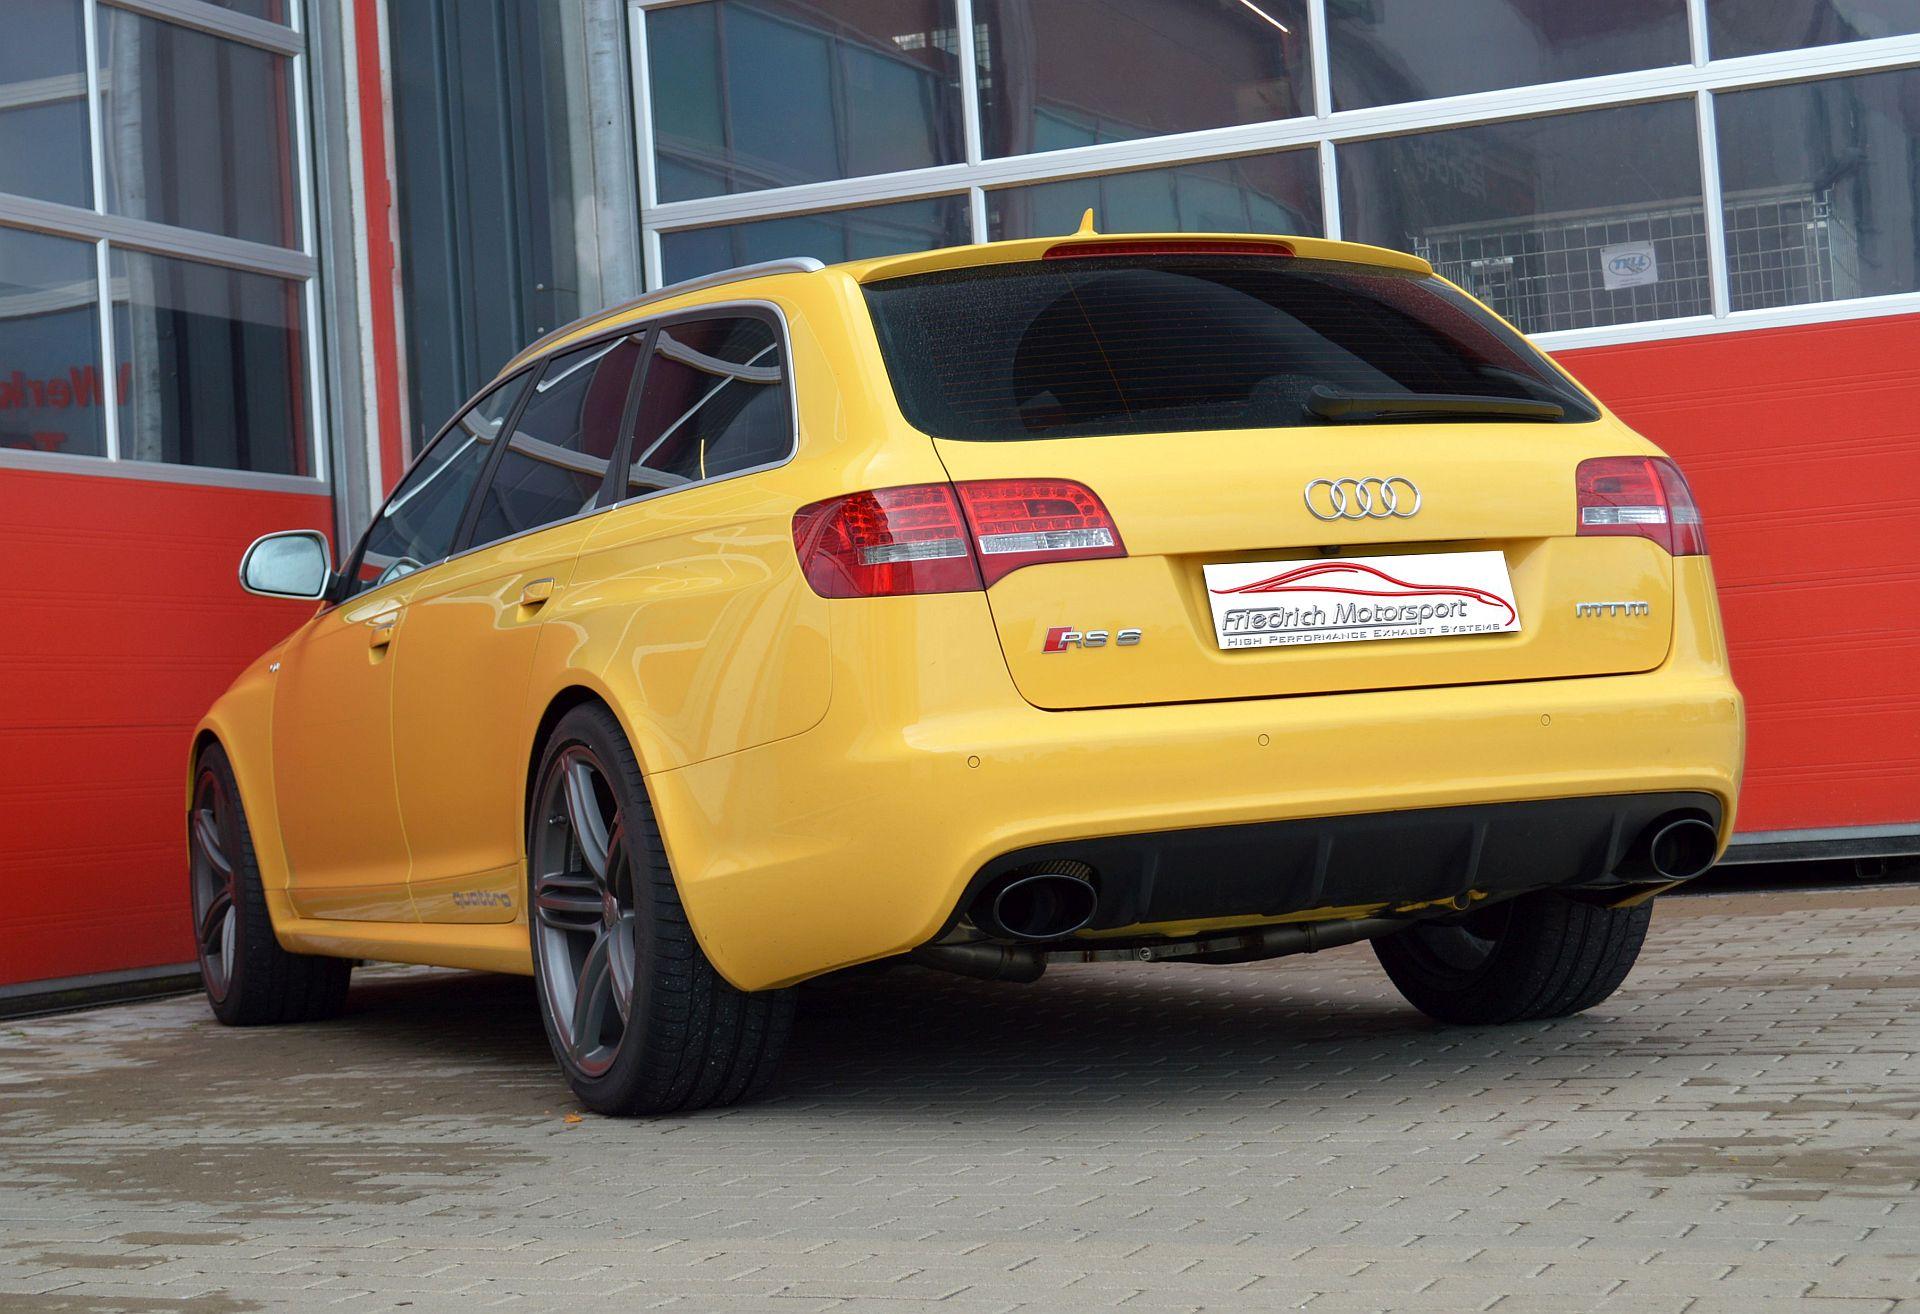 Friedrich Motorsport 76mm Duplex Auspuff Sportauspuff Anlage Audi RS6 4F Quattro